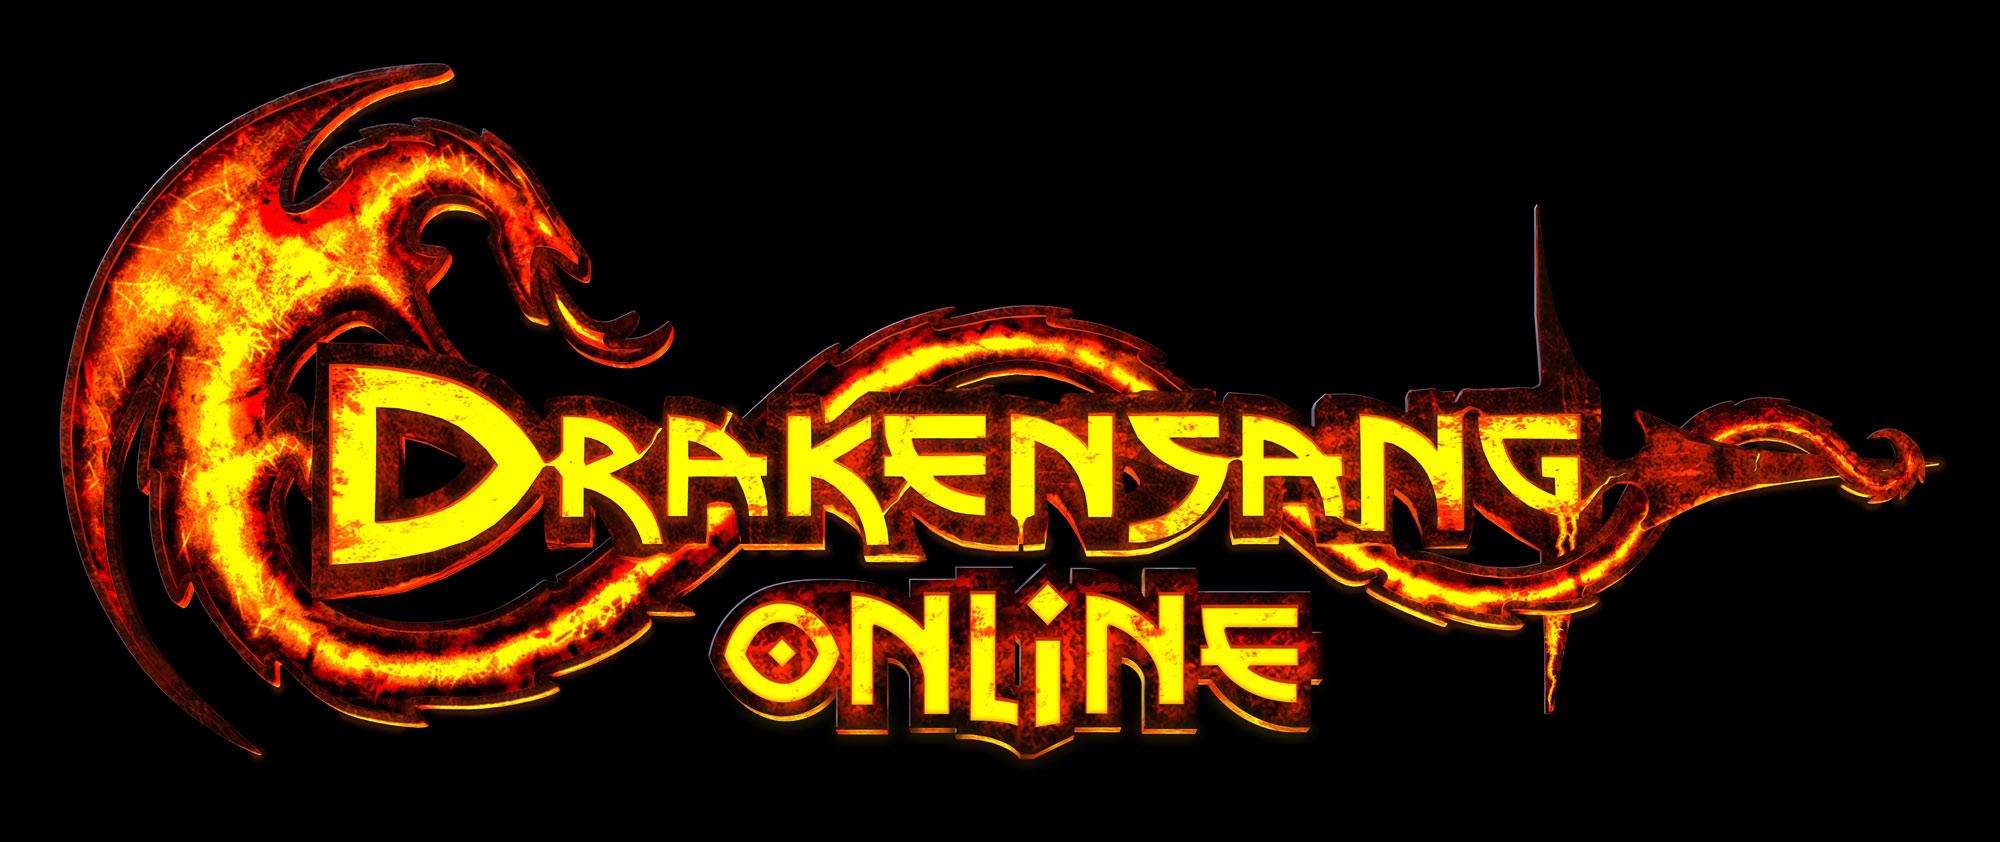 Drakensang Online - The Drakensang Wiki - Armor, locations ...  Drakensang Onli...